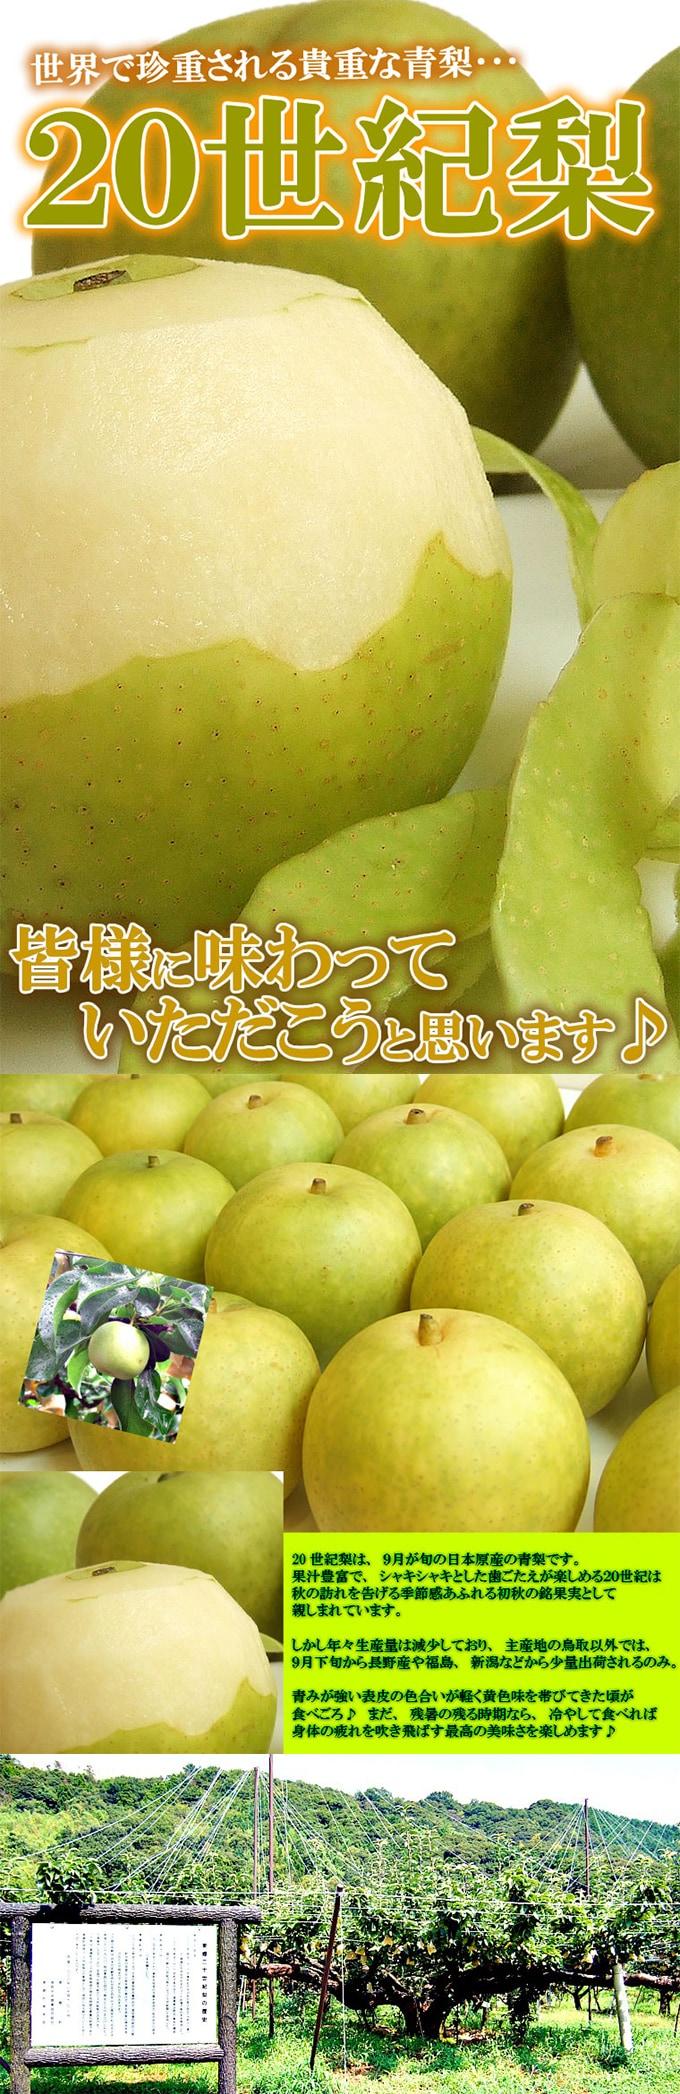 世紀 時期 20 梨